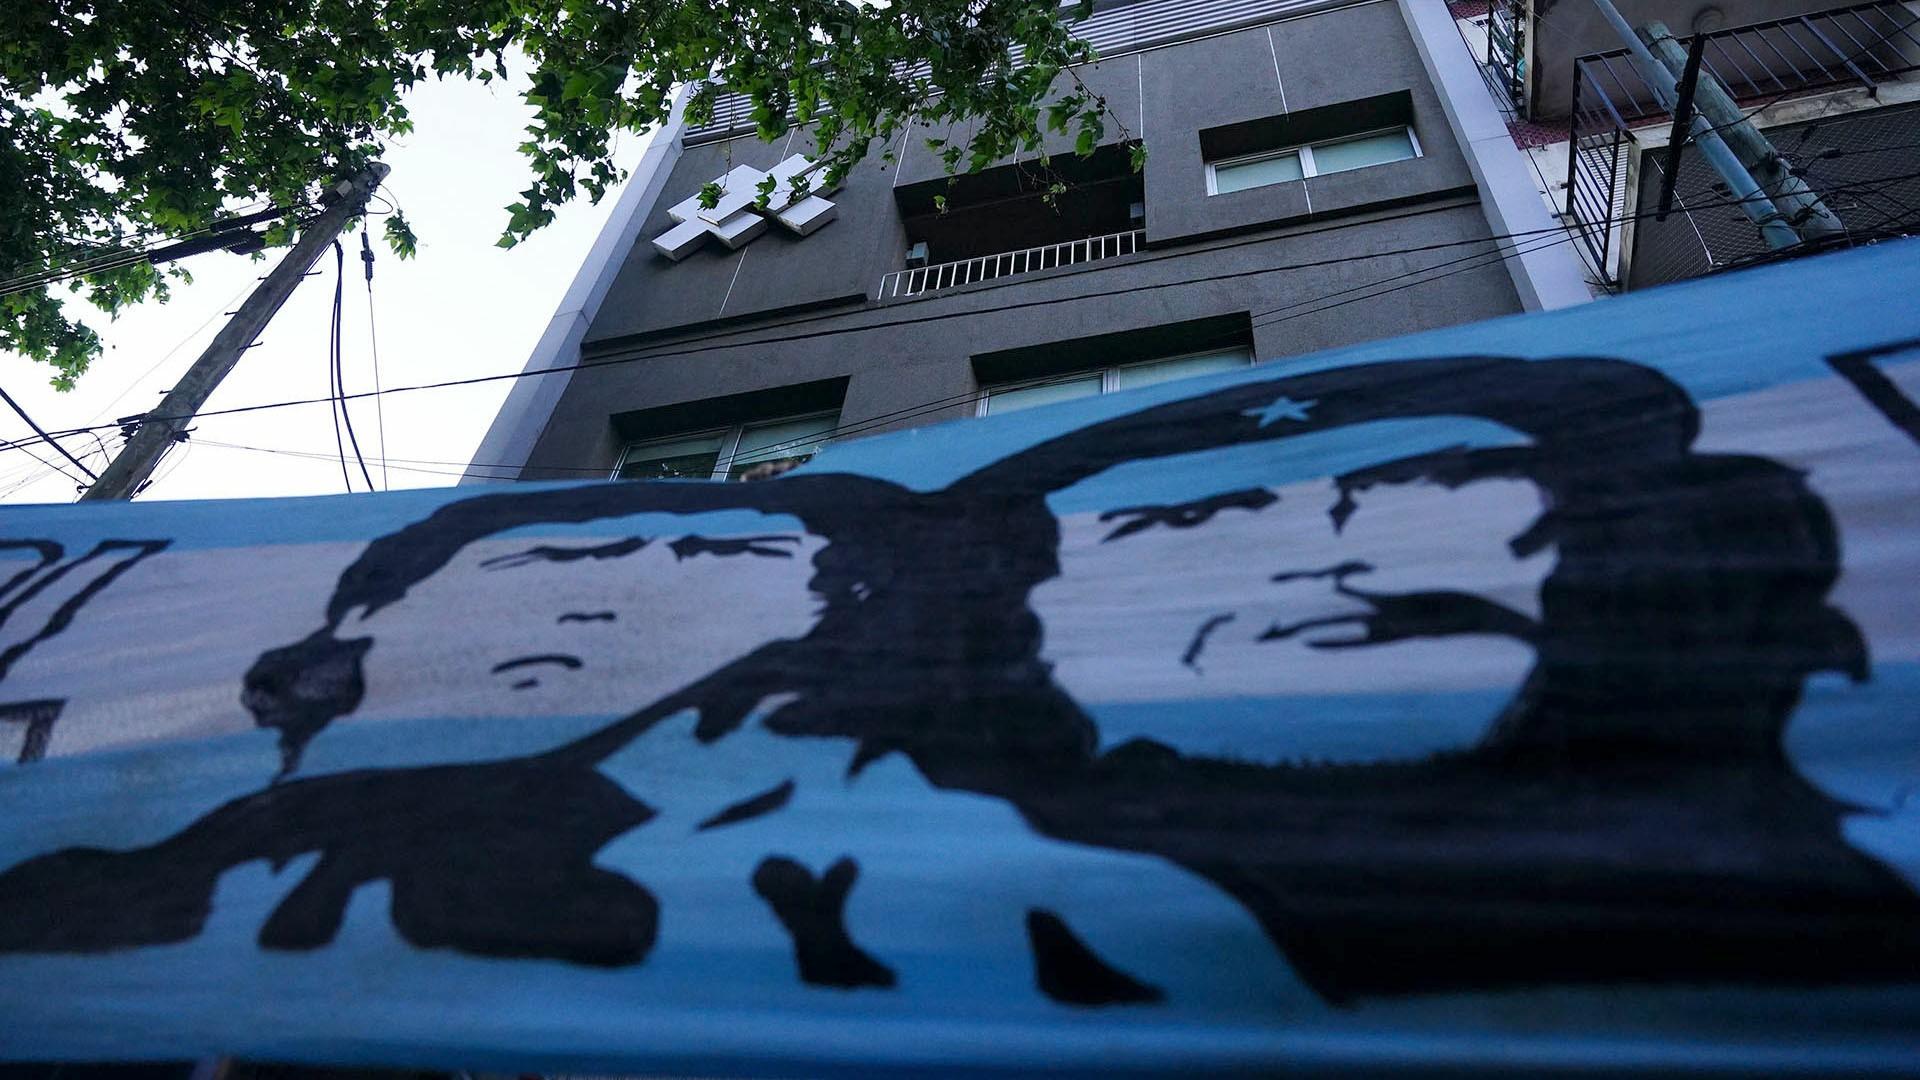 El Che Guevara y Maradona, en la bandera apostada frente a la Clínica Olivos